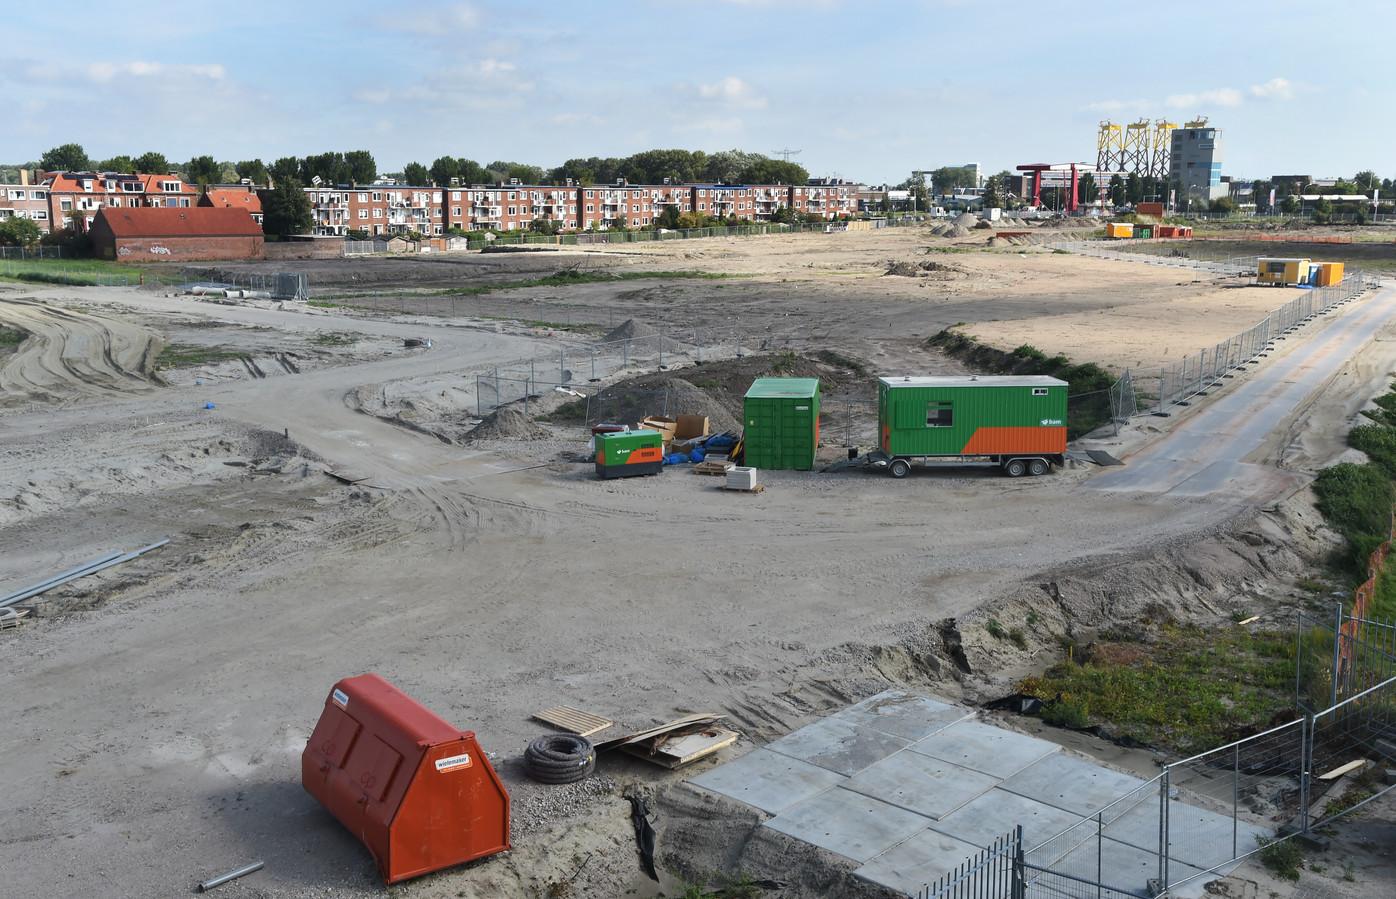 Het terrein van de Scheldewijk dat bouwrijp wordt gemaakt. De radio-actieve slak werd bij de flats aan de Paul Krugerstraat (op de achtergrond) gevonden.